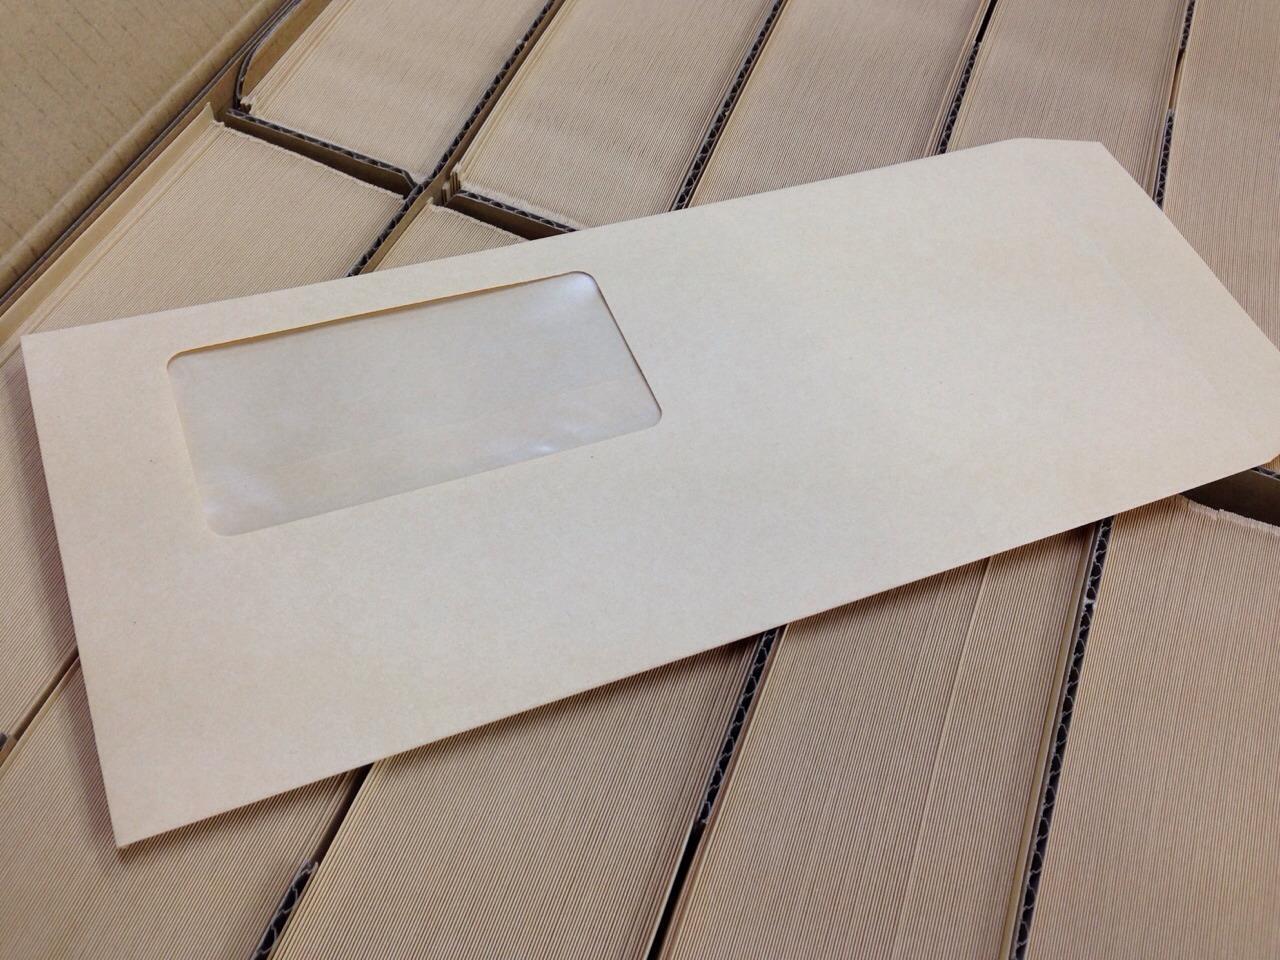 ハート クラフト封筒 洋4タテ 窓付封筒45×90mm クラフト 70g/m2 センター貼 枠なし 1000枚 lp1103